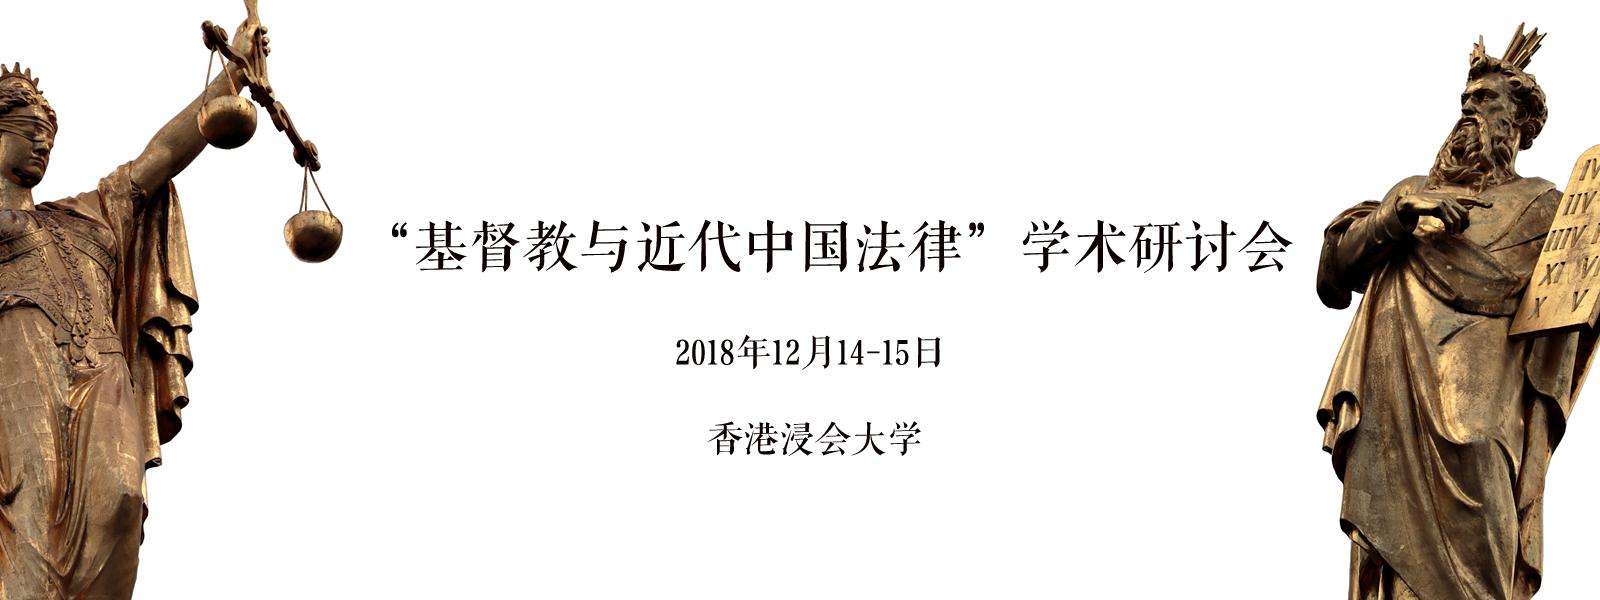 基督教與近代中國法律學術研討會議程